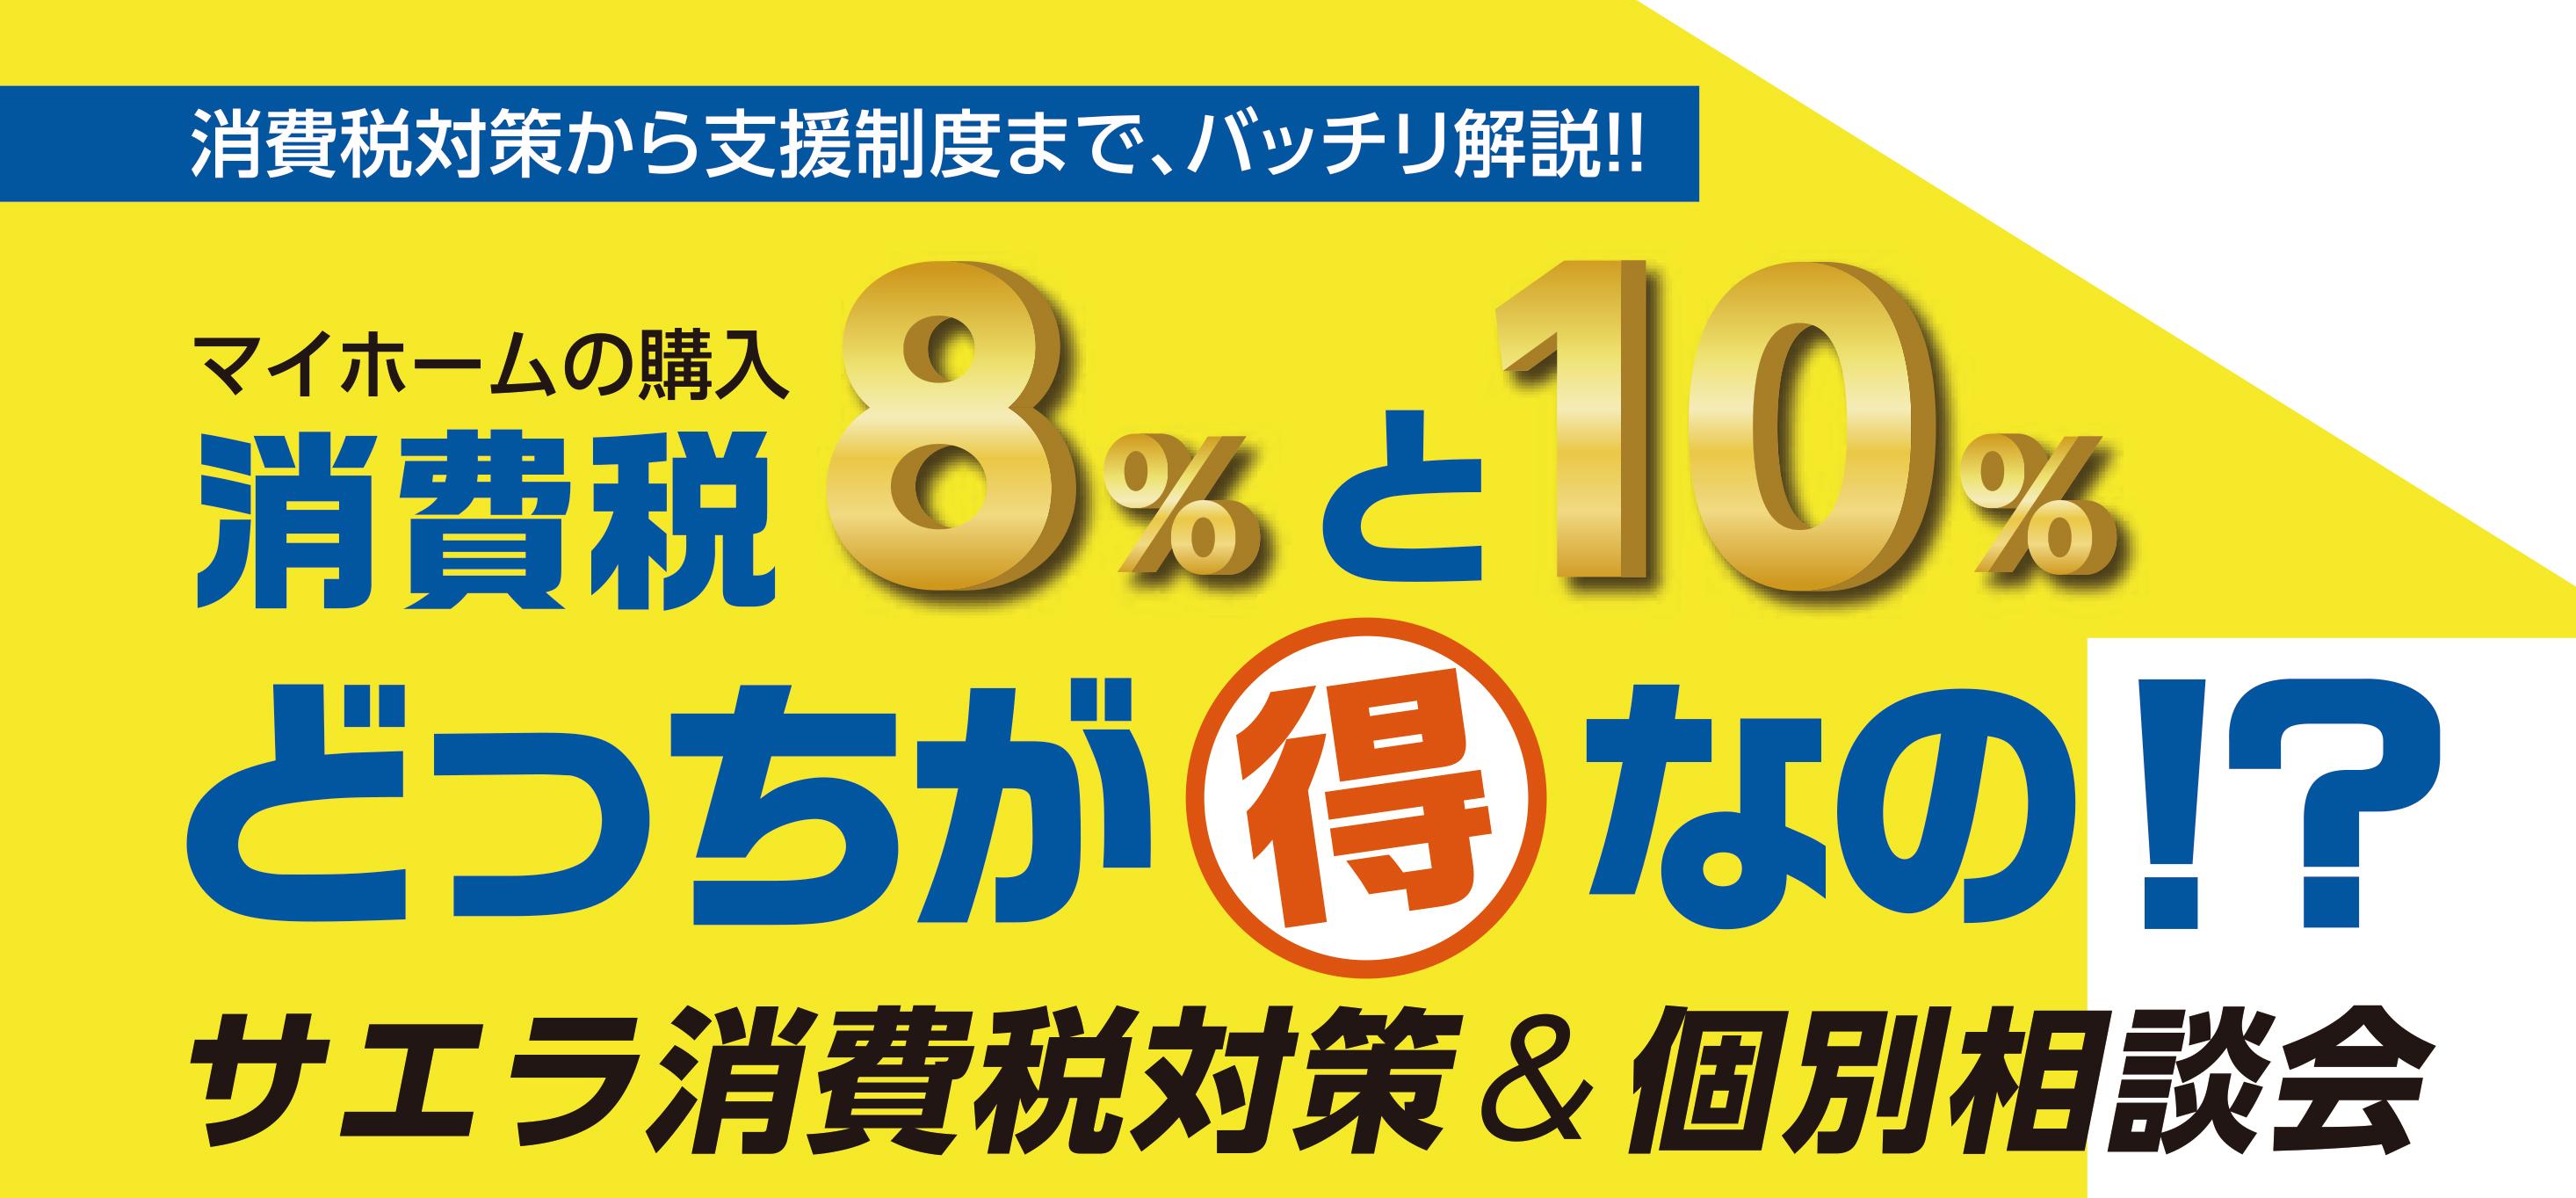 画像:3月2日・3日 消費税対策セミナー&個別相談会